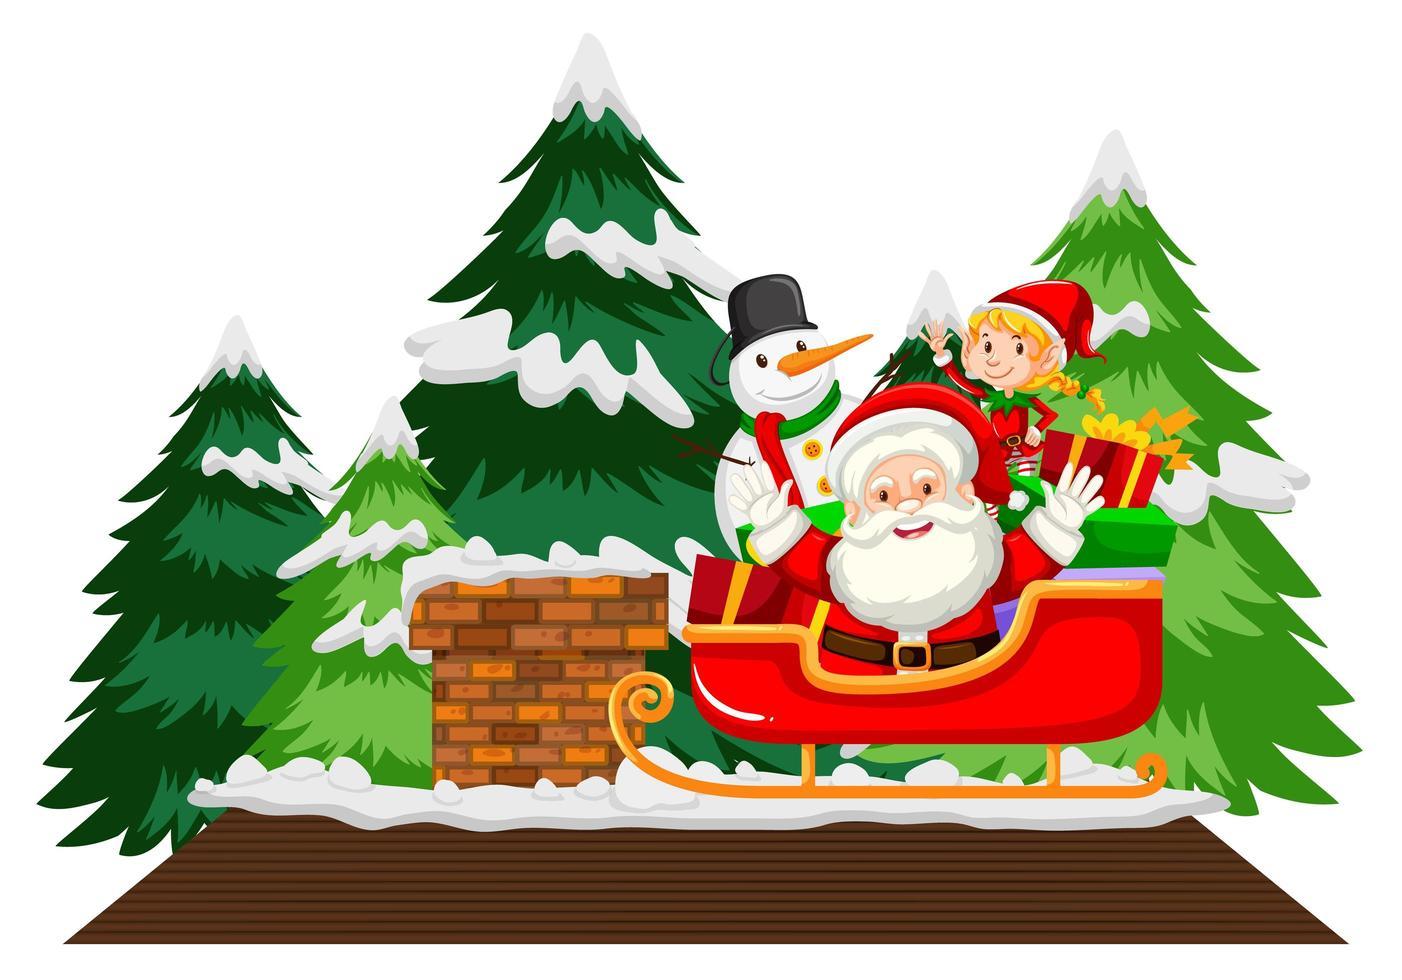 kerstman op slee met sneeuwpop en bomen vector